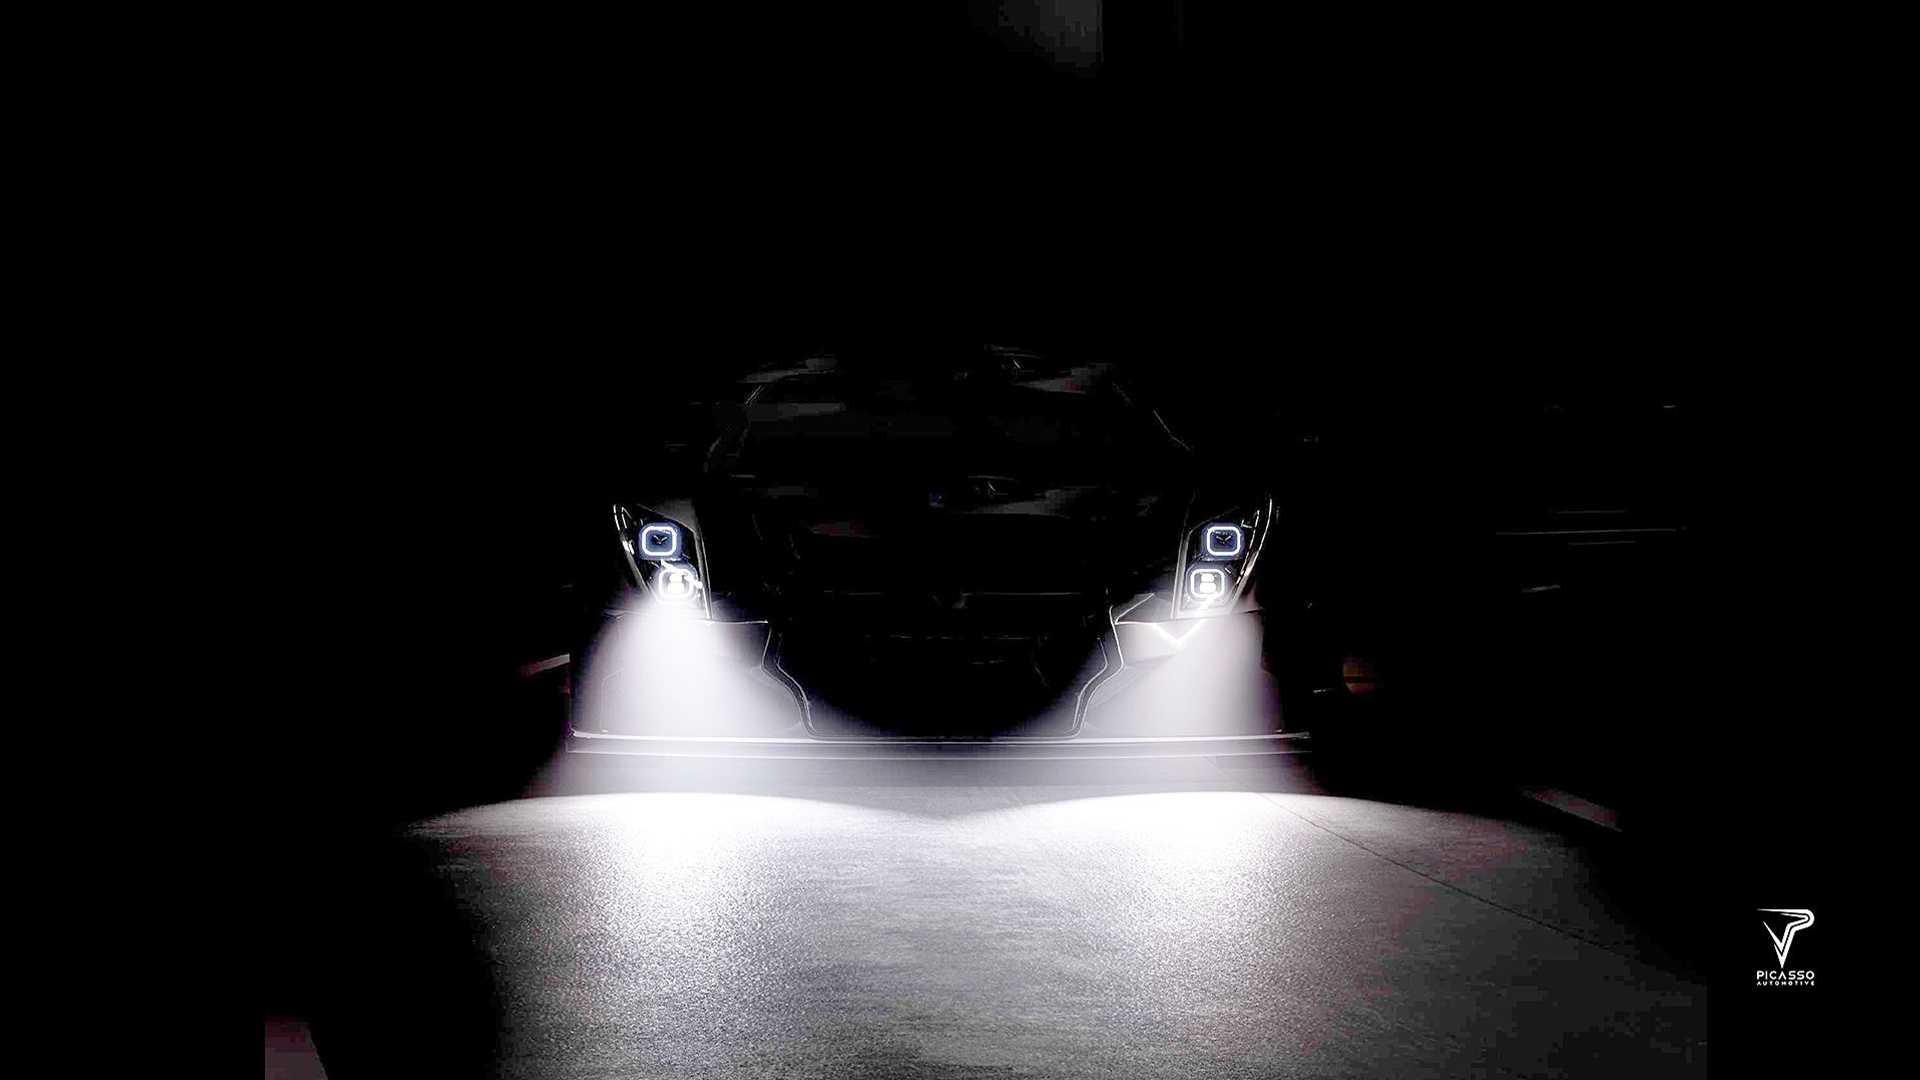 وقتی سوئیس هم وارد صنعت خودرو می شود، معرفی پیکاسو PS-01